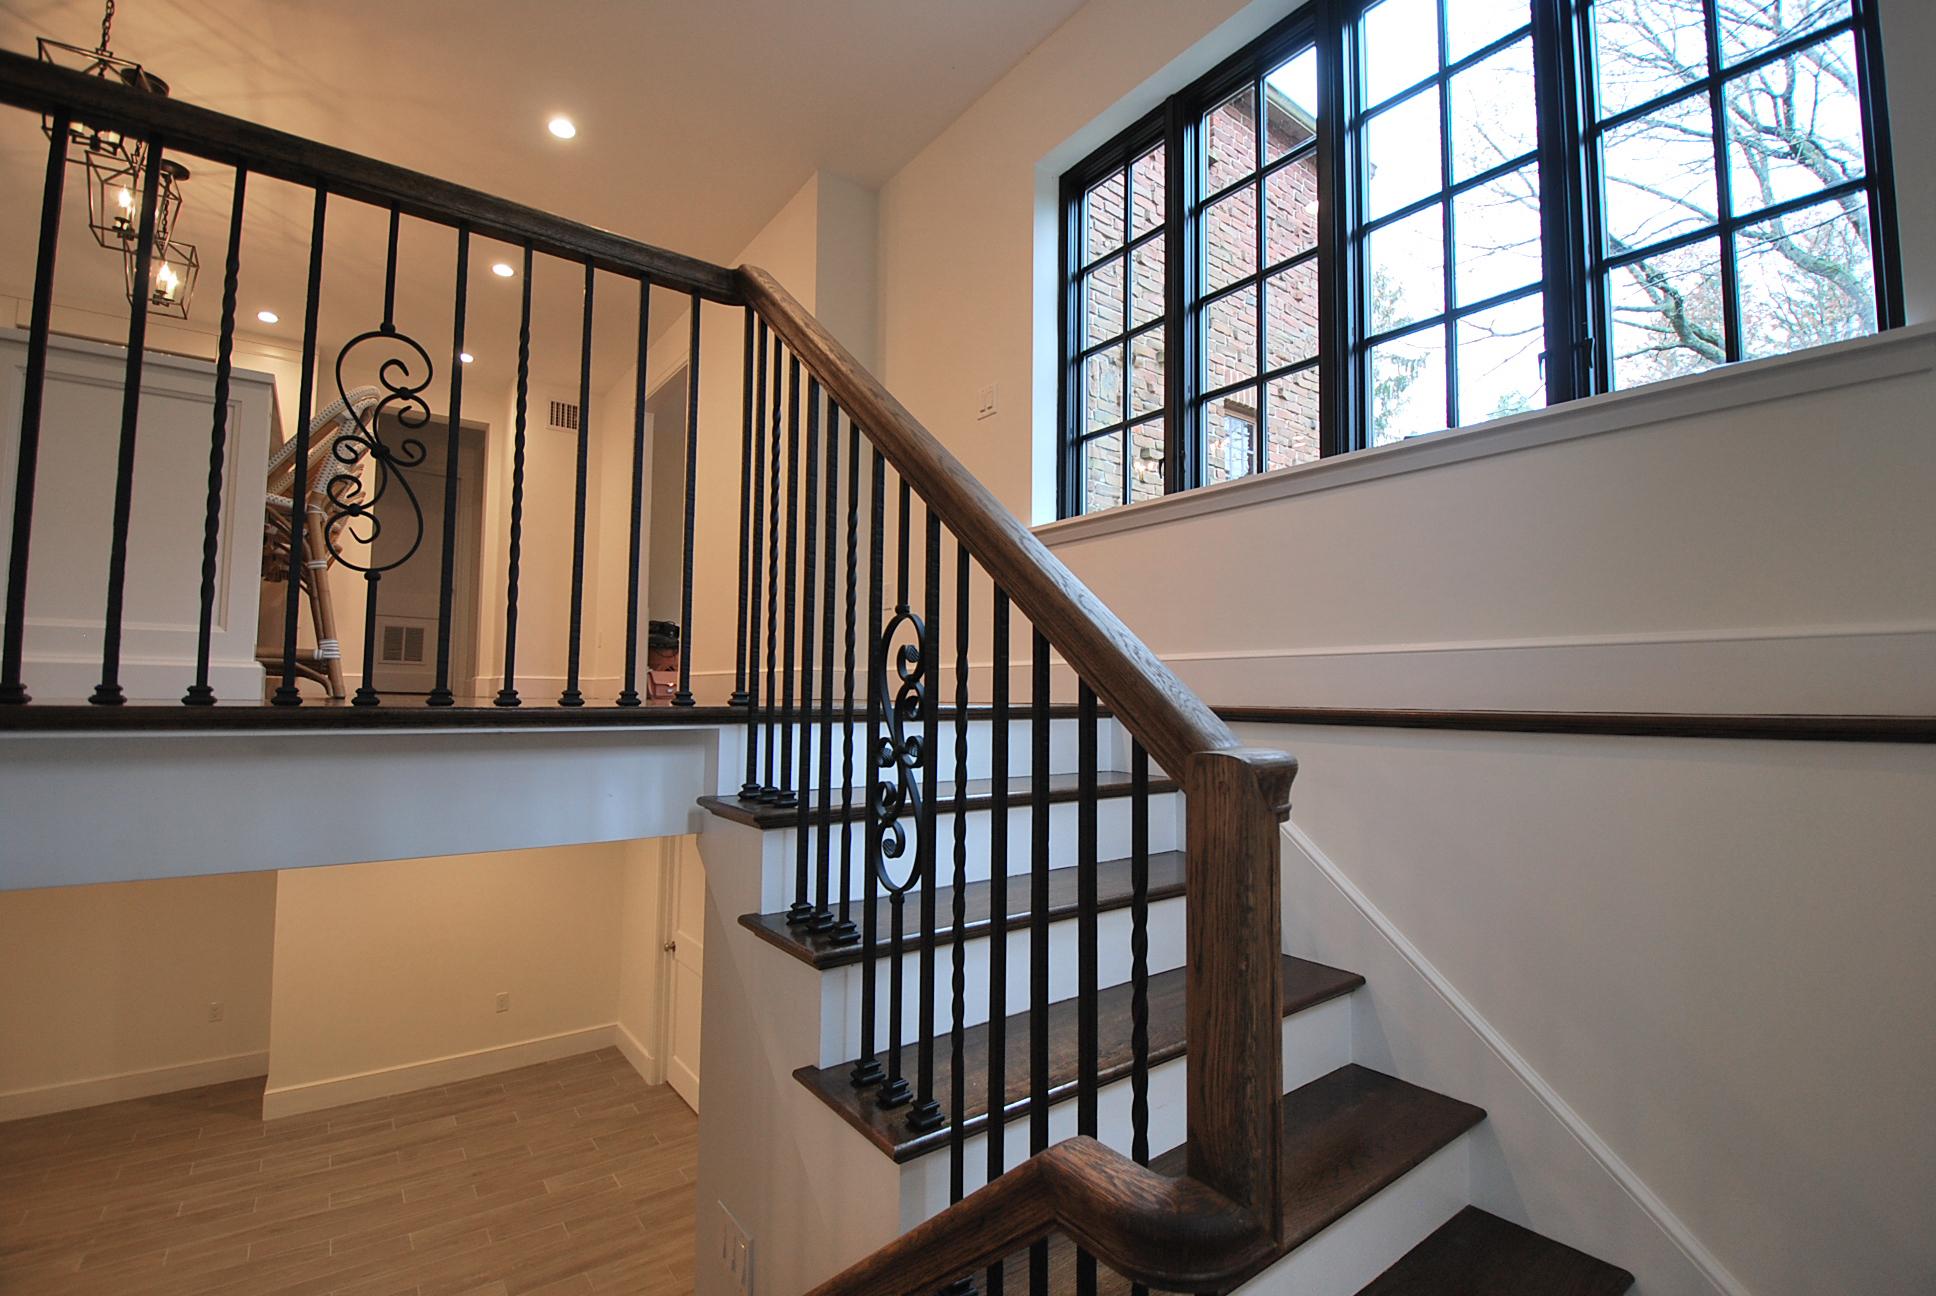 boffa stair 3.jpg